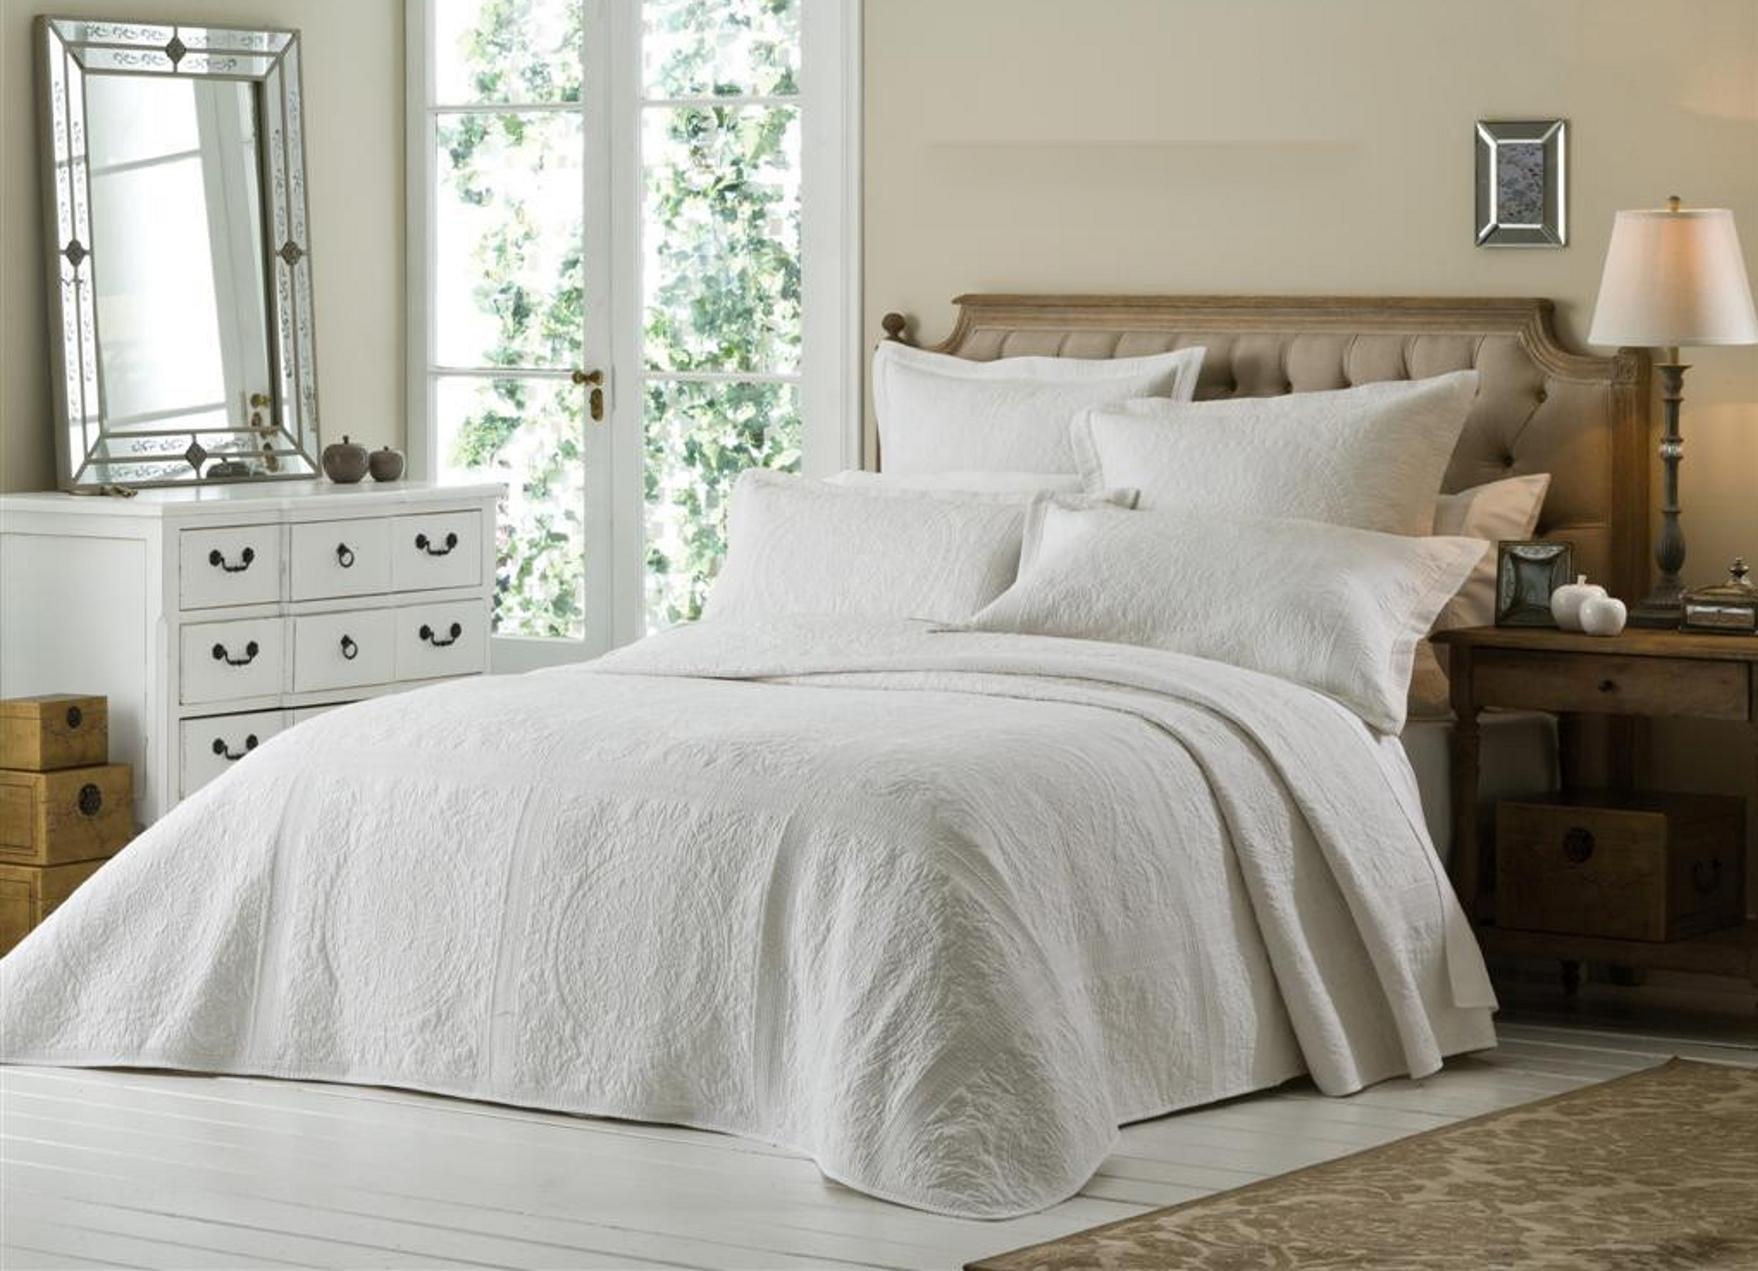 Белое покрывало в оформлении кровати